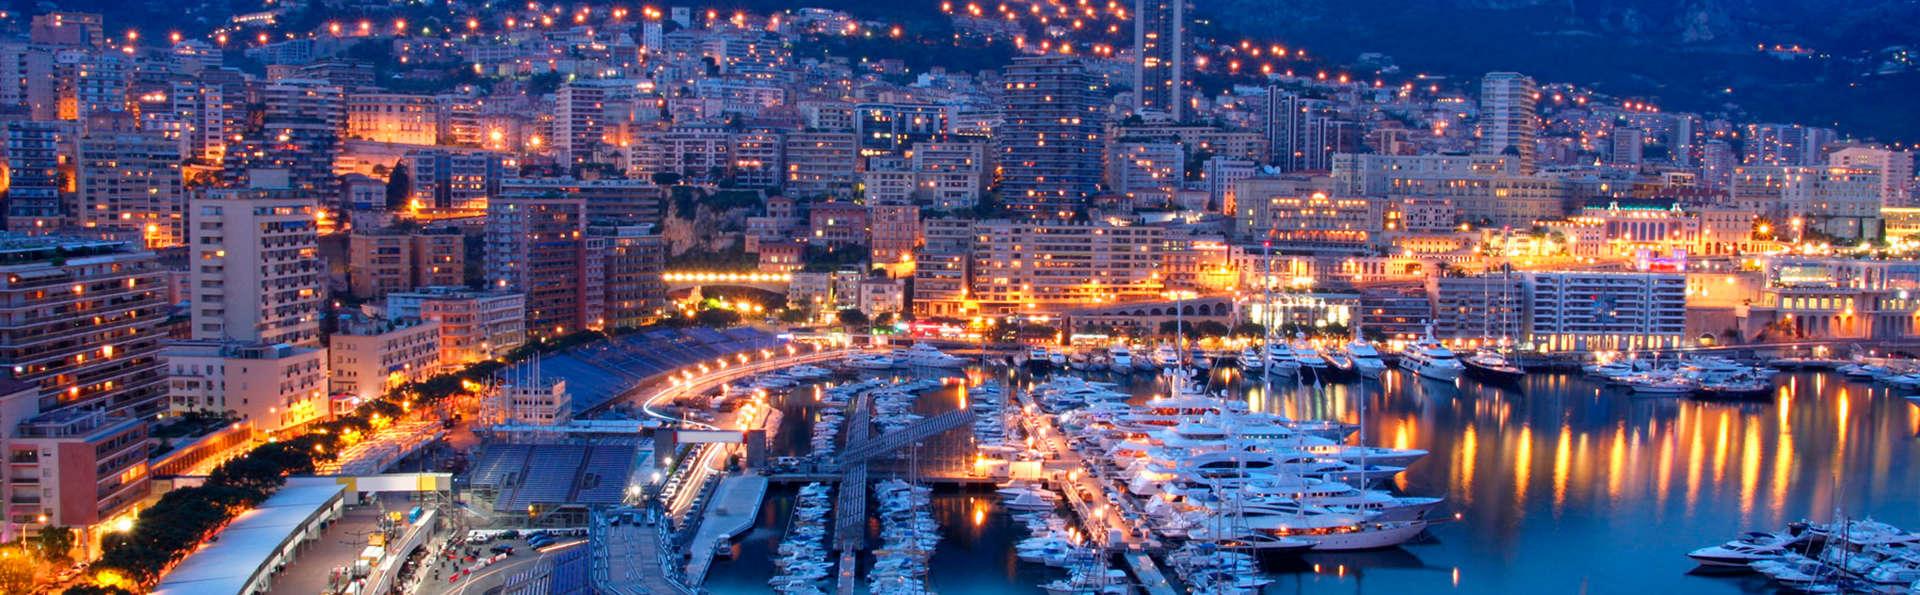 Week-end romantique avec champagne à Monaco